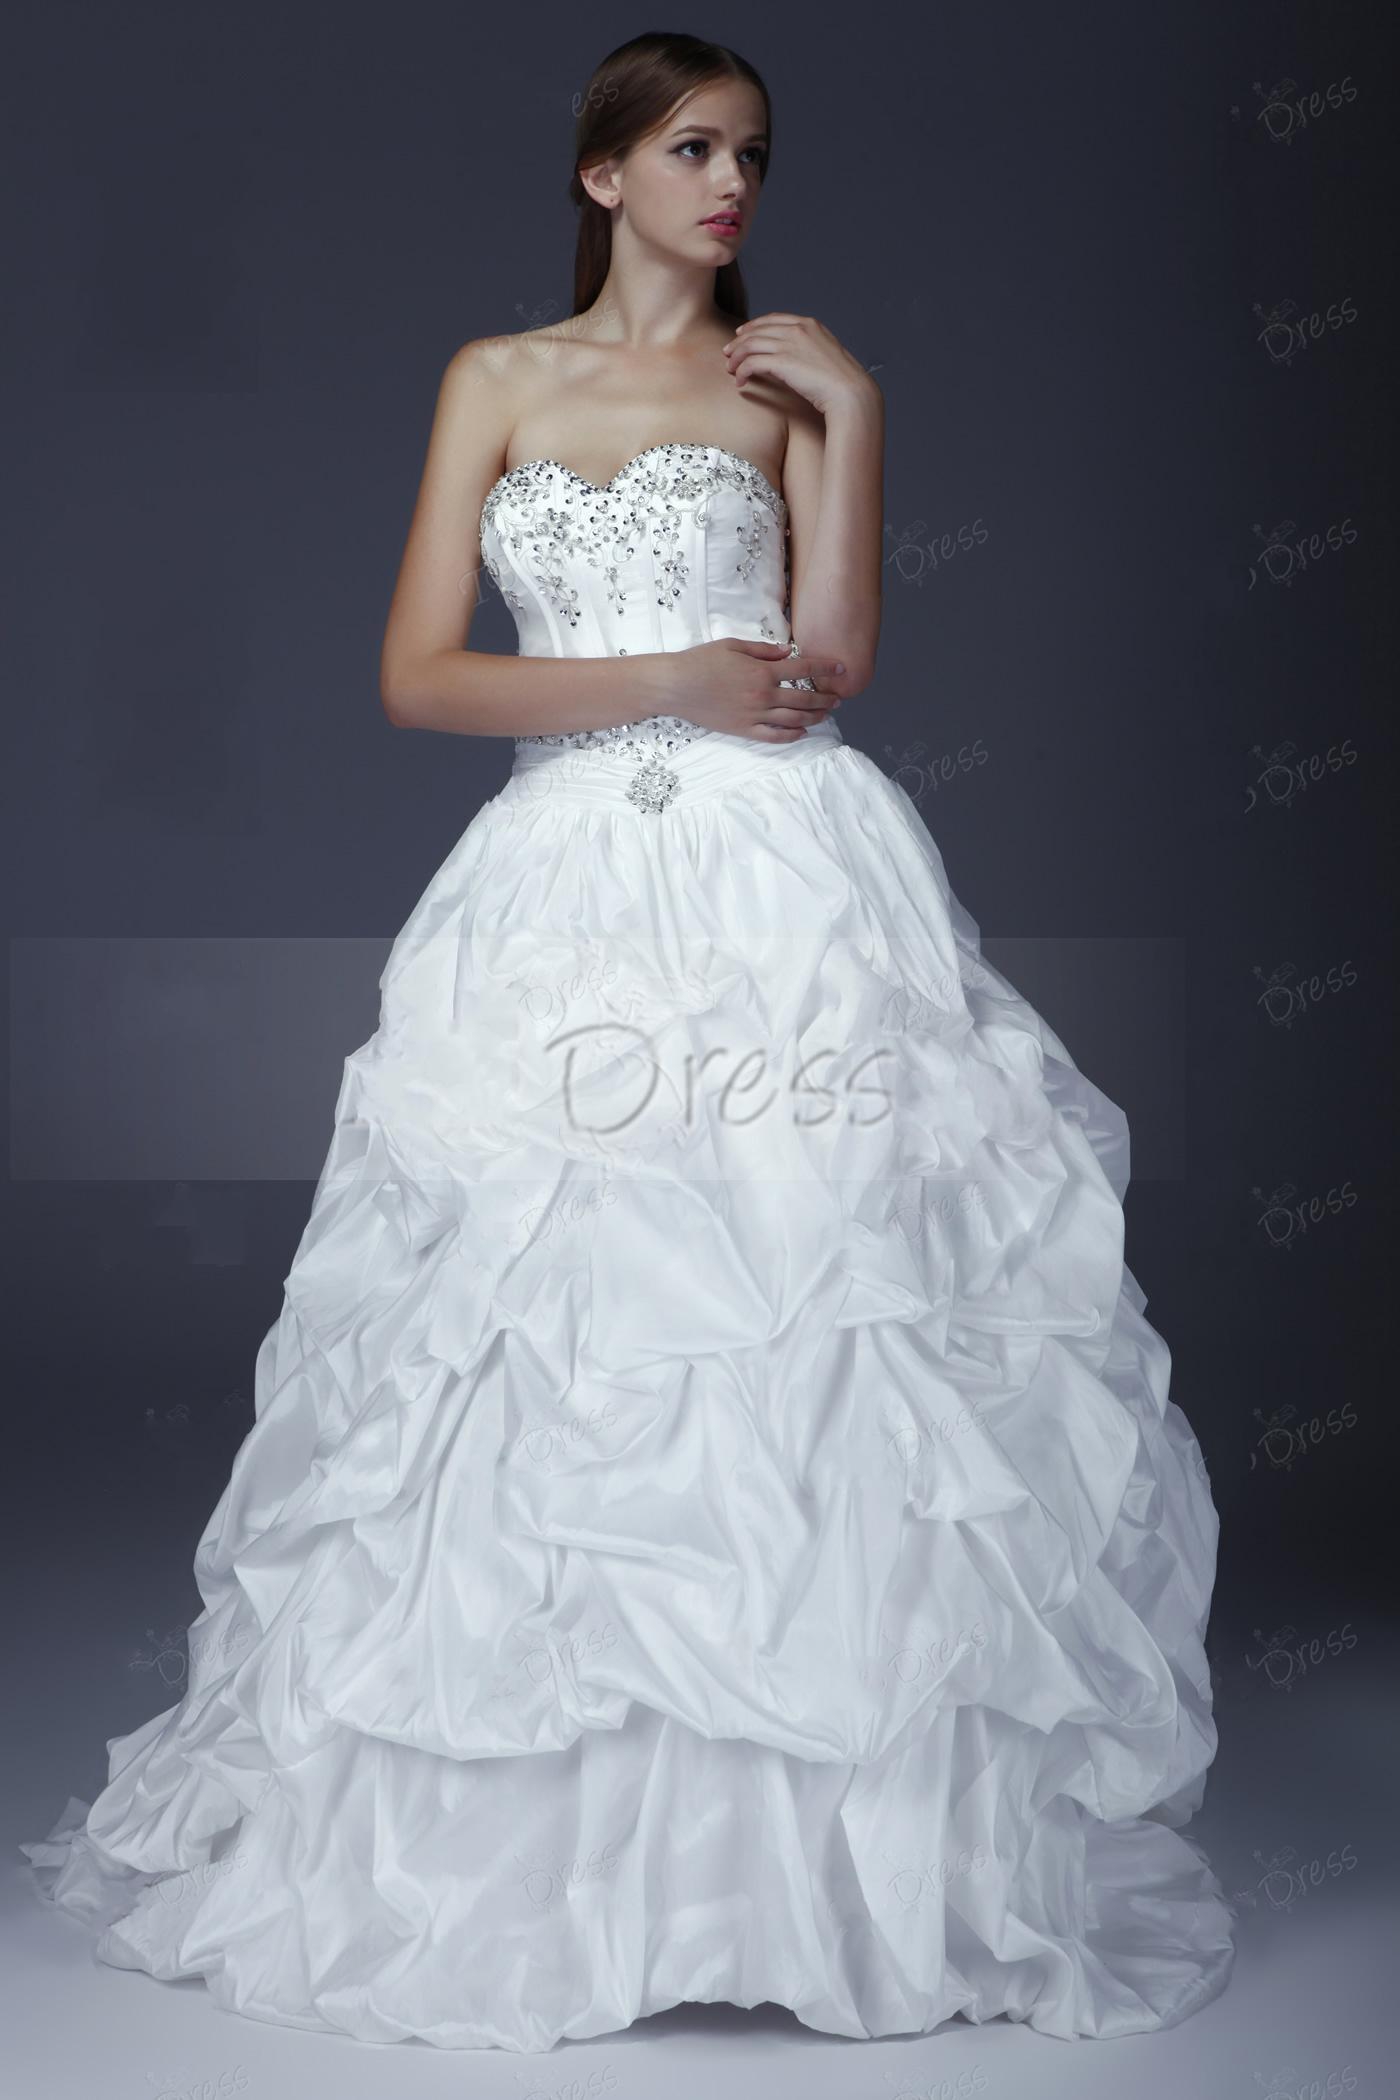 2013 Abito da sposa elegante con scollo a cuore senza maniche Sweetheart Sweetheart. Abito da sposa di Aleksander